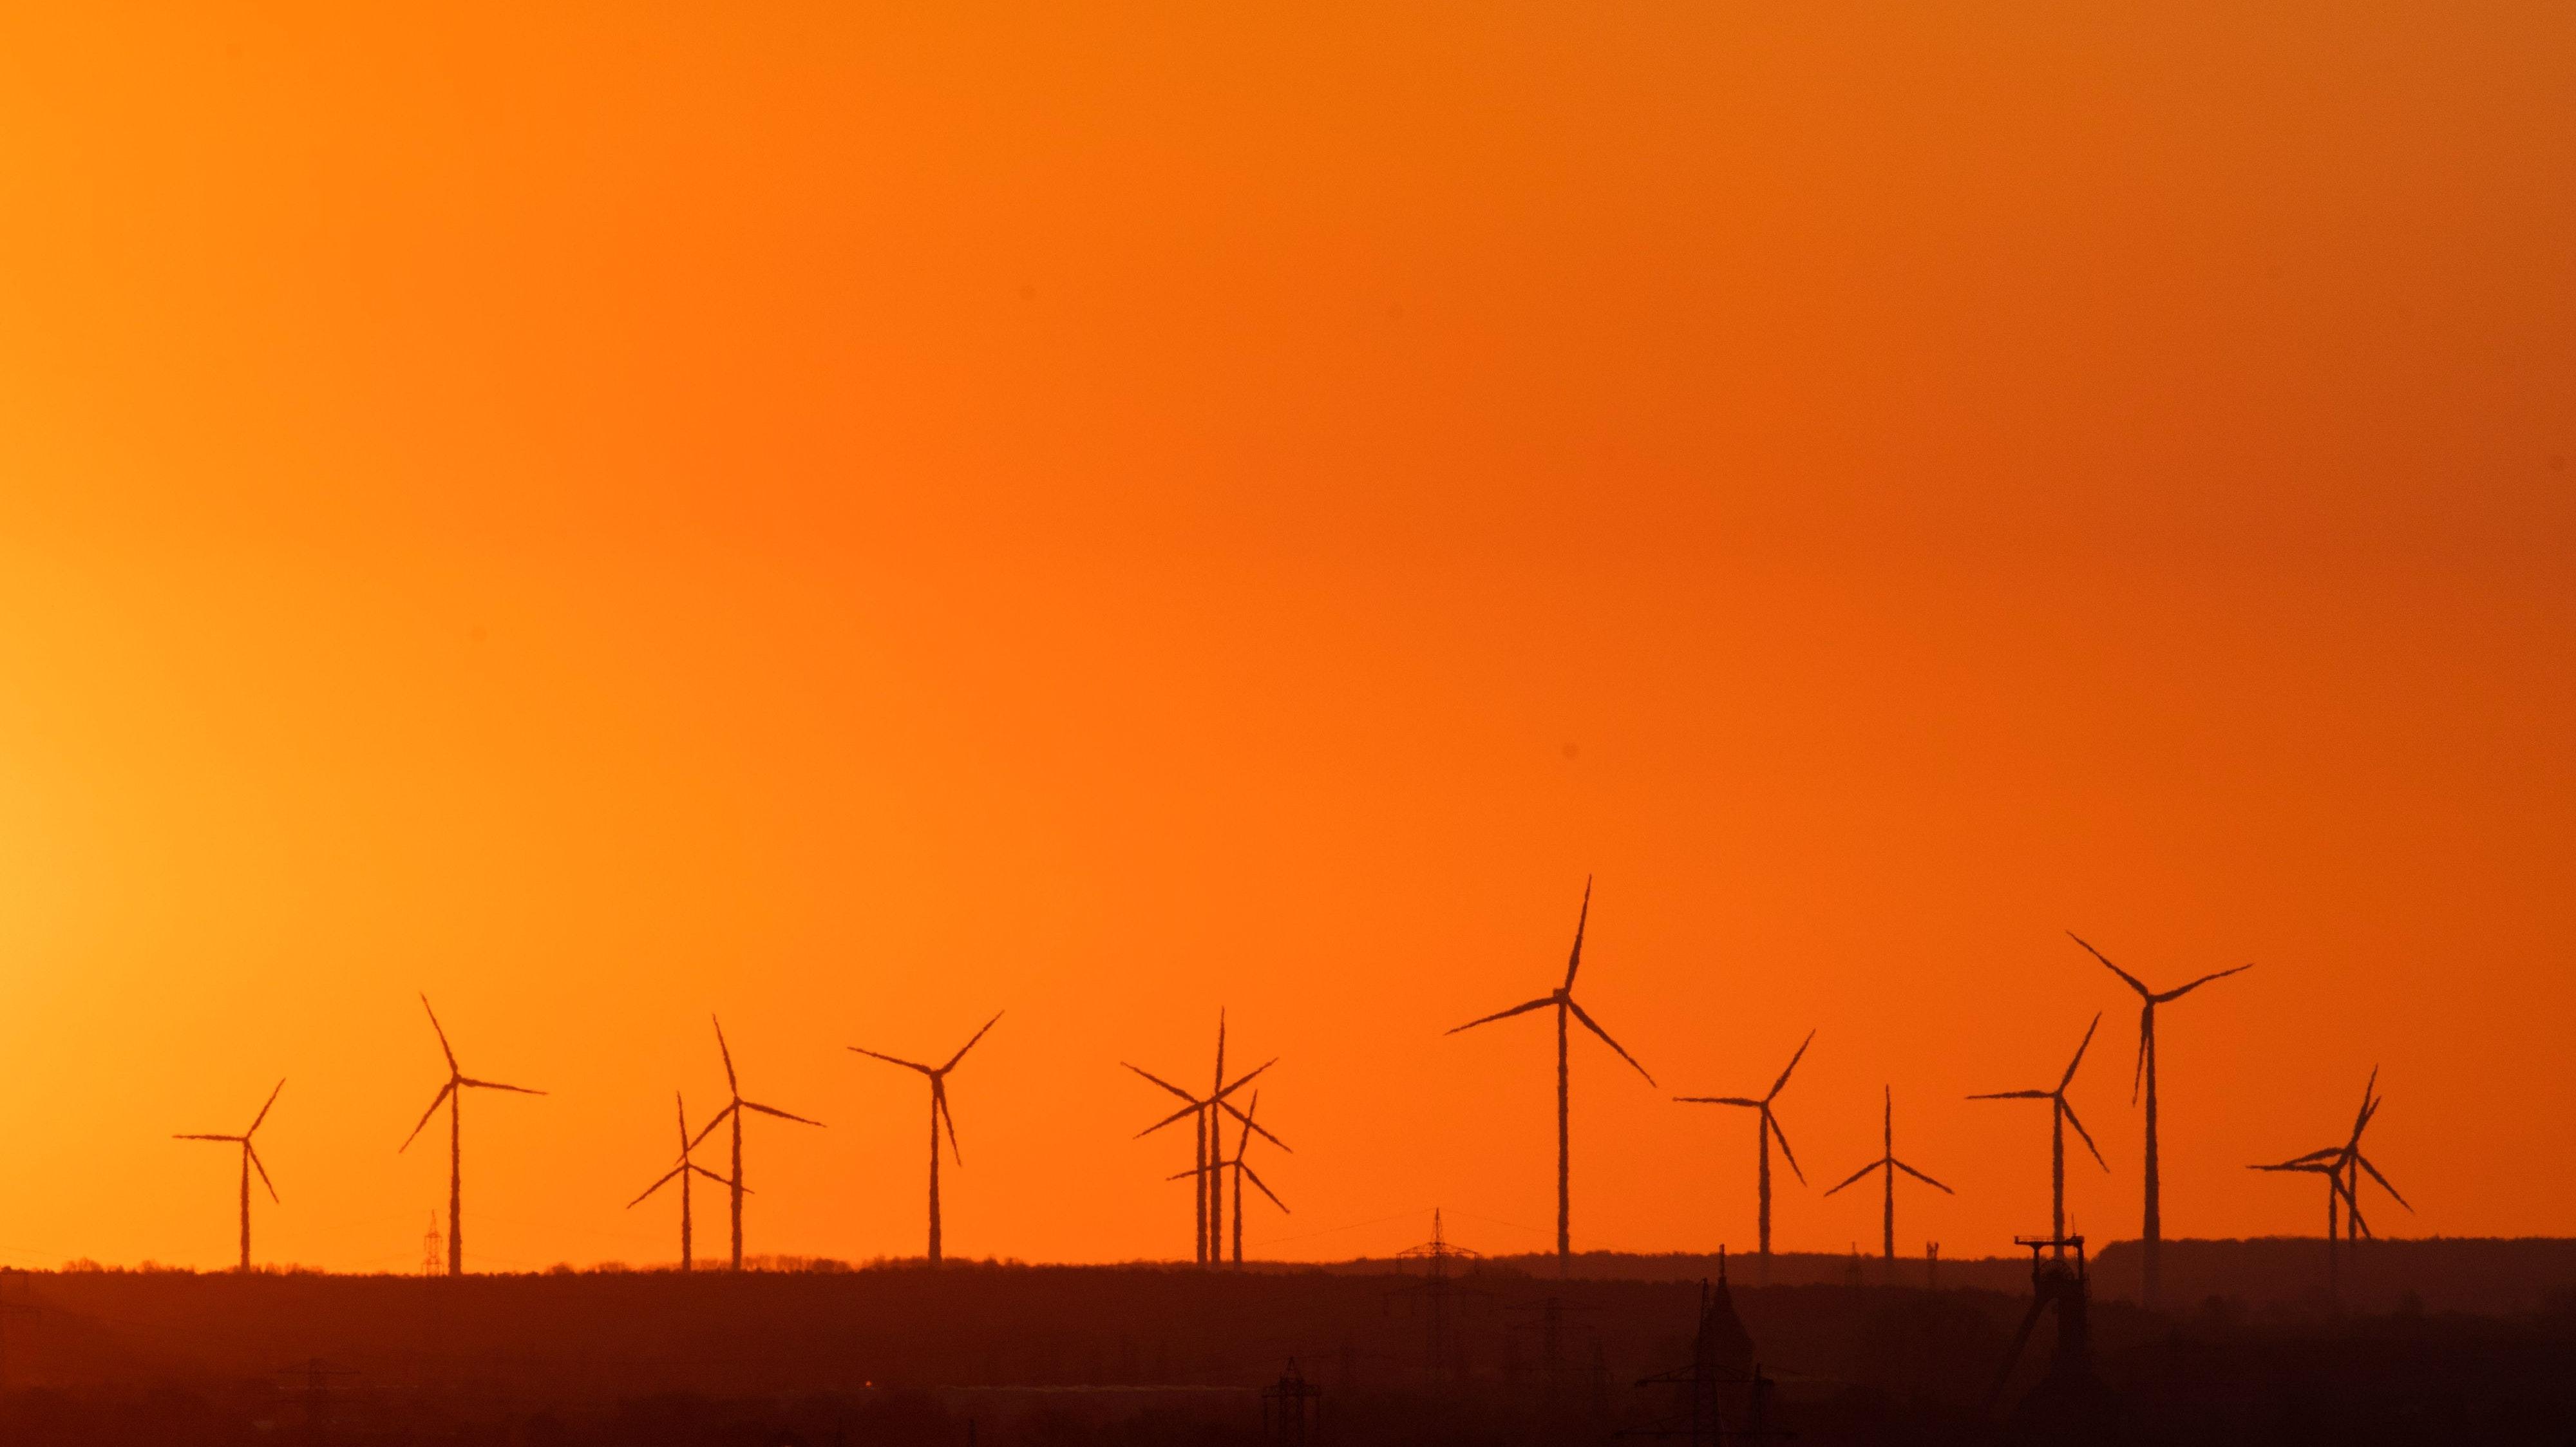 Nachhaltigkeit ist ein weites Feld: Der Verbrauch von klimafreundlich hergestelltem Strom zählt dazu, doch damit ist die Debatte noch nicht am Ende. Symbolbild: dpa